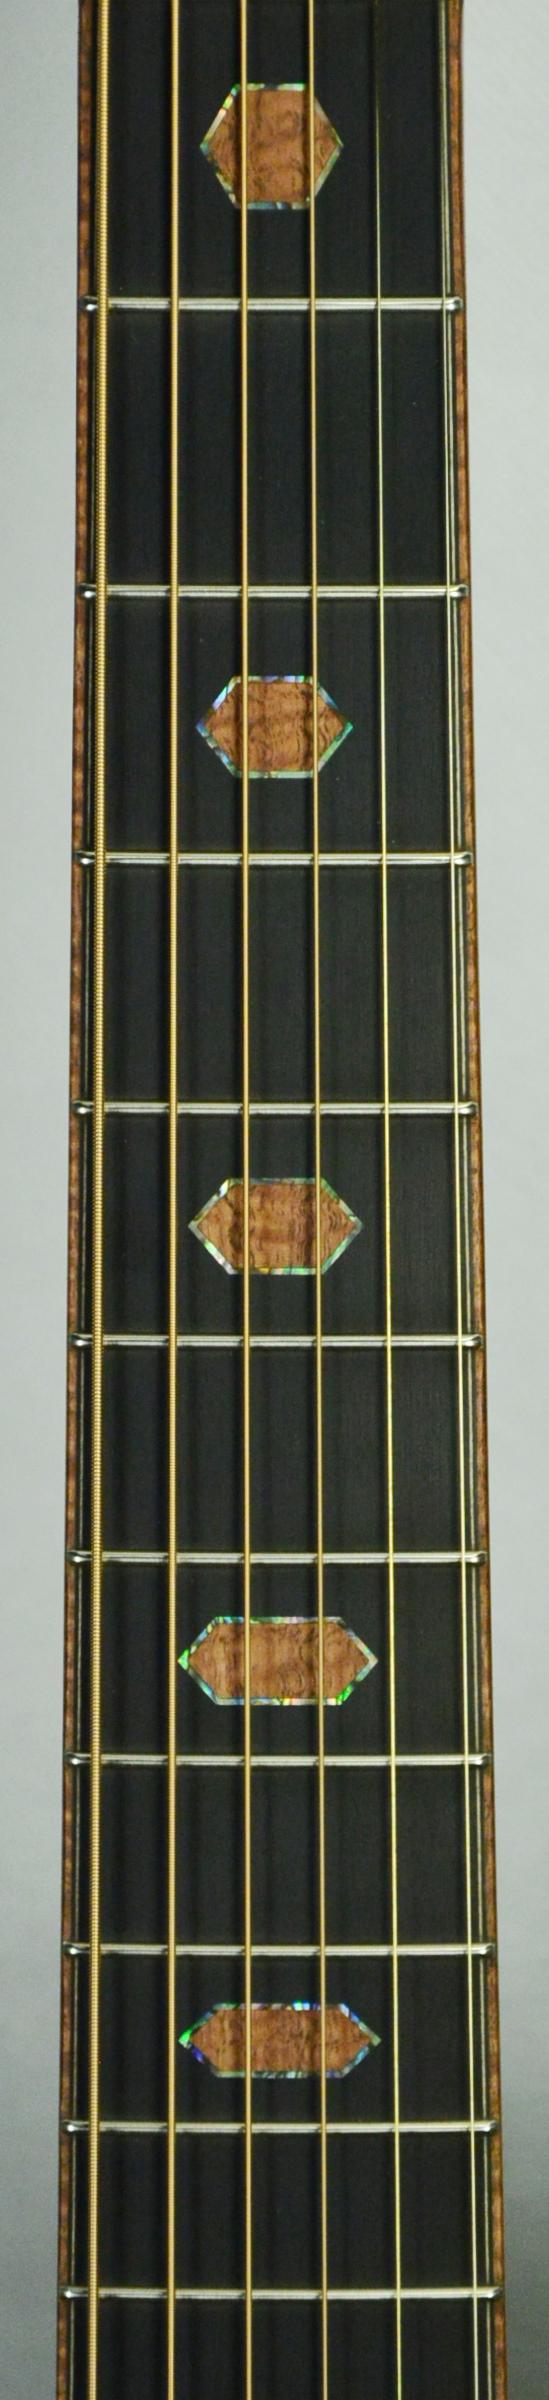 Q-2408524 S-1832866 00-14DB Guatemalan Adi VTS Bordered Inlay (5).JPG